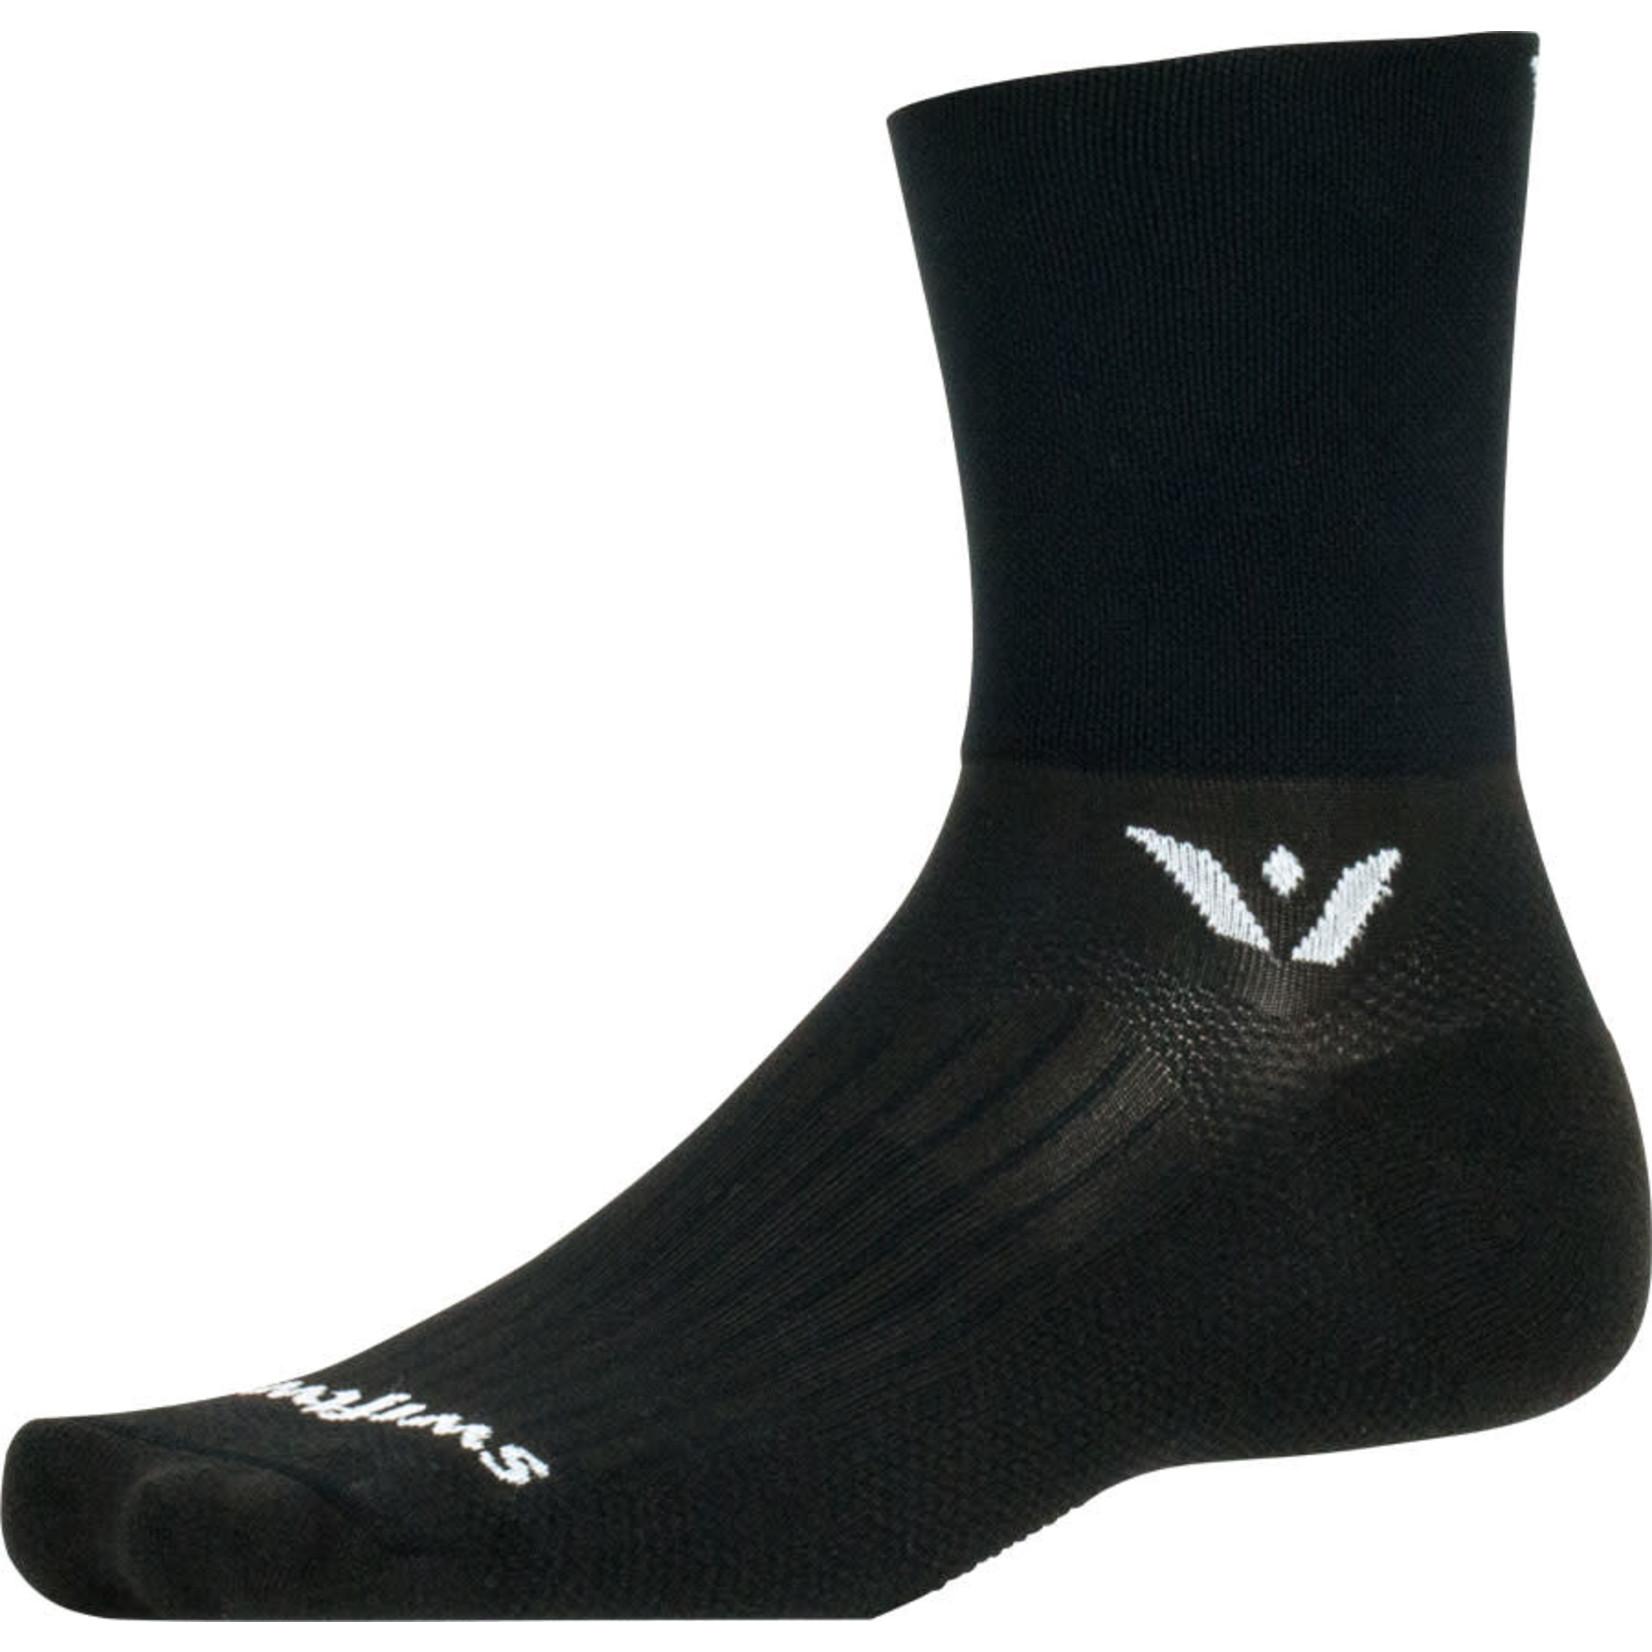 Swiftwick Aspire Four Socks - 4-inch